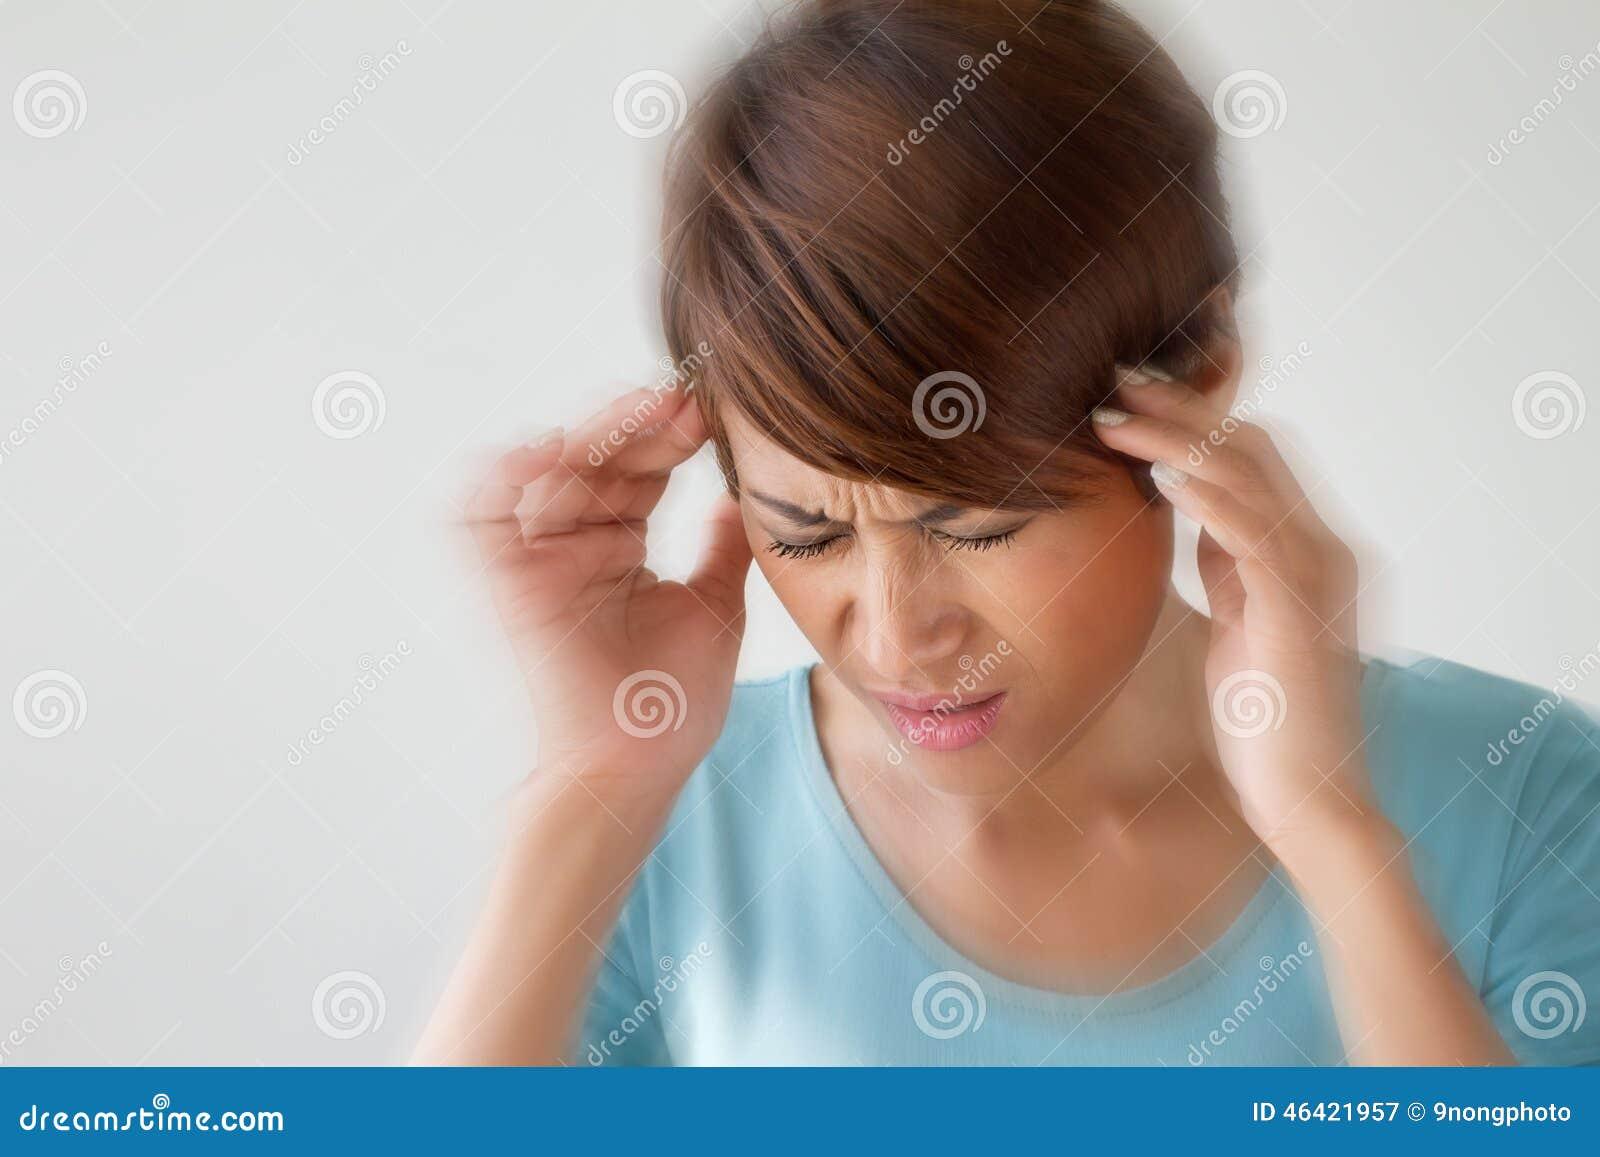 La donna soffre da dolore, emicrania, malattia, emicrania, sforzo